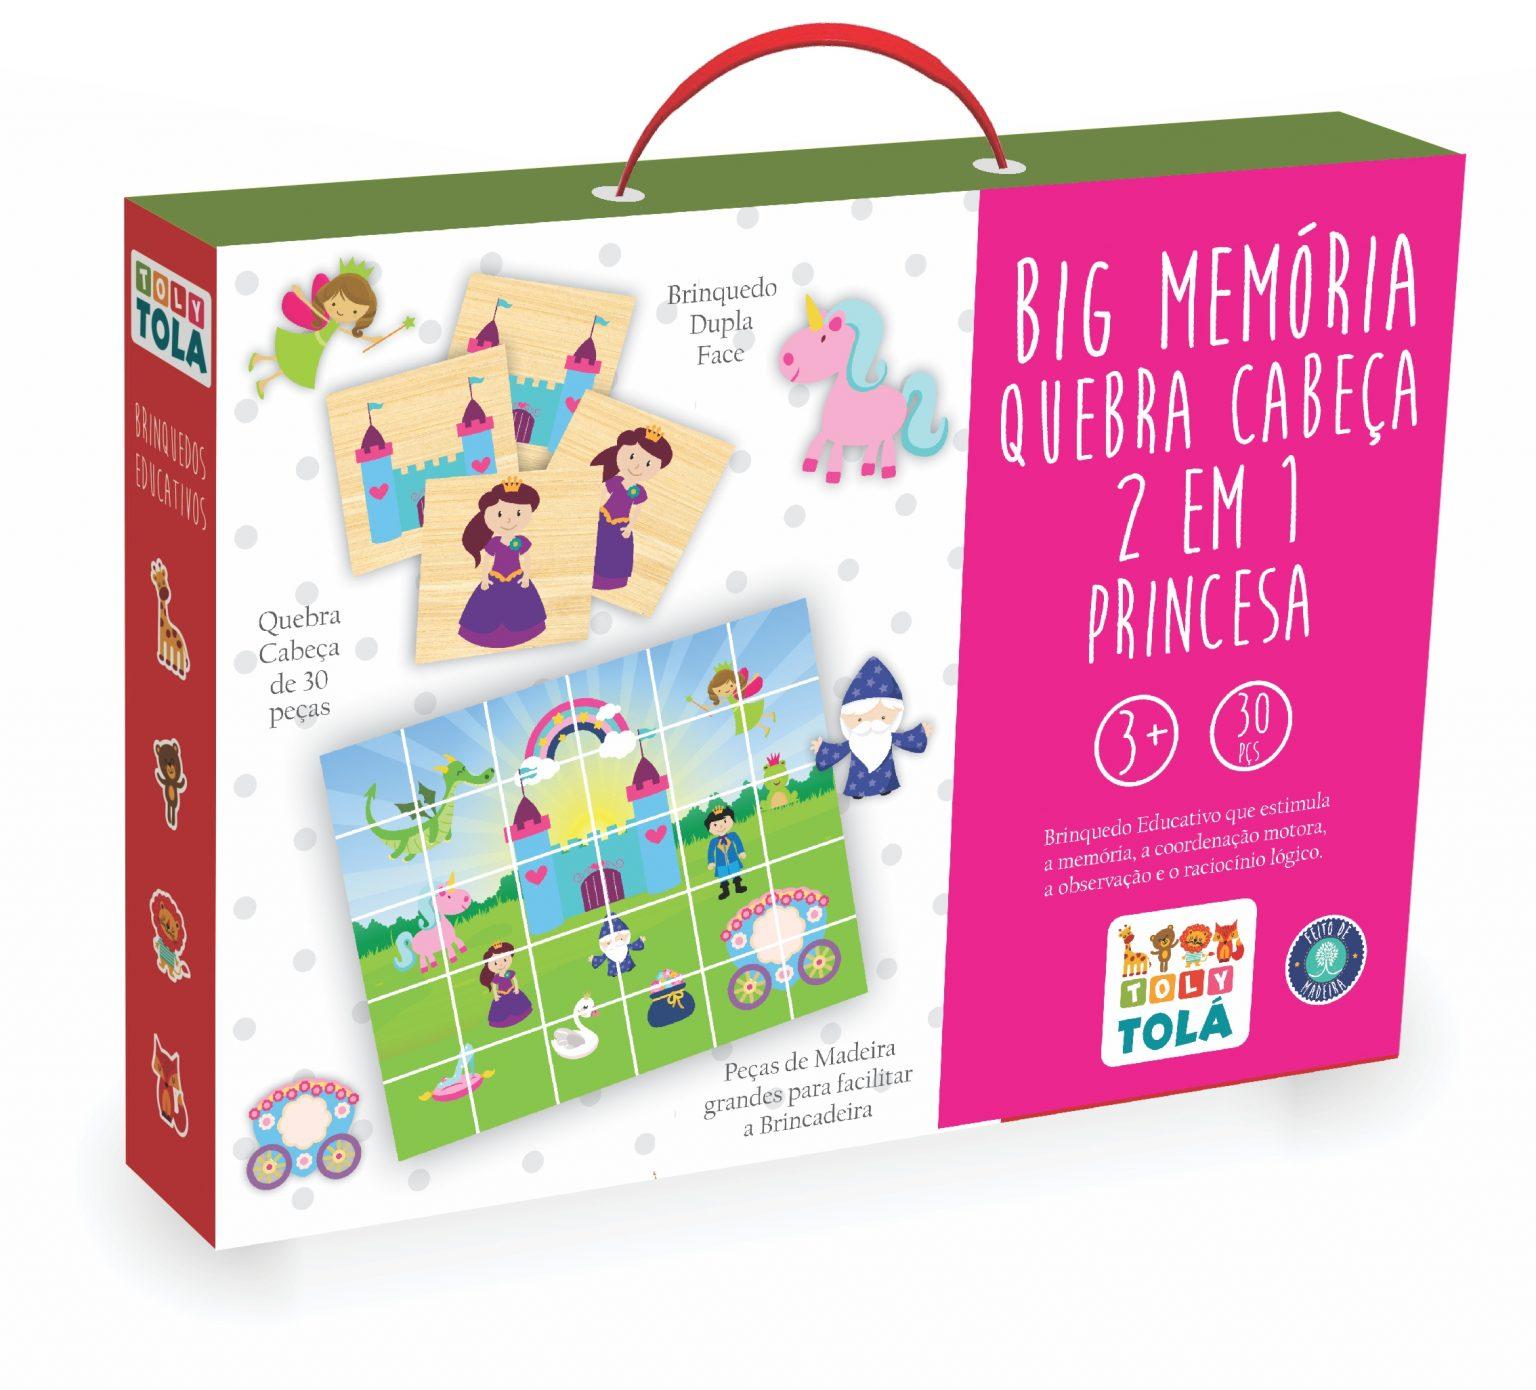 BIG MEMÓRIA / QUEBRA-CABEÇA 2 EM 1 - PRINCESA